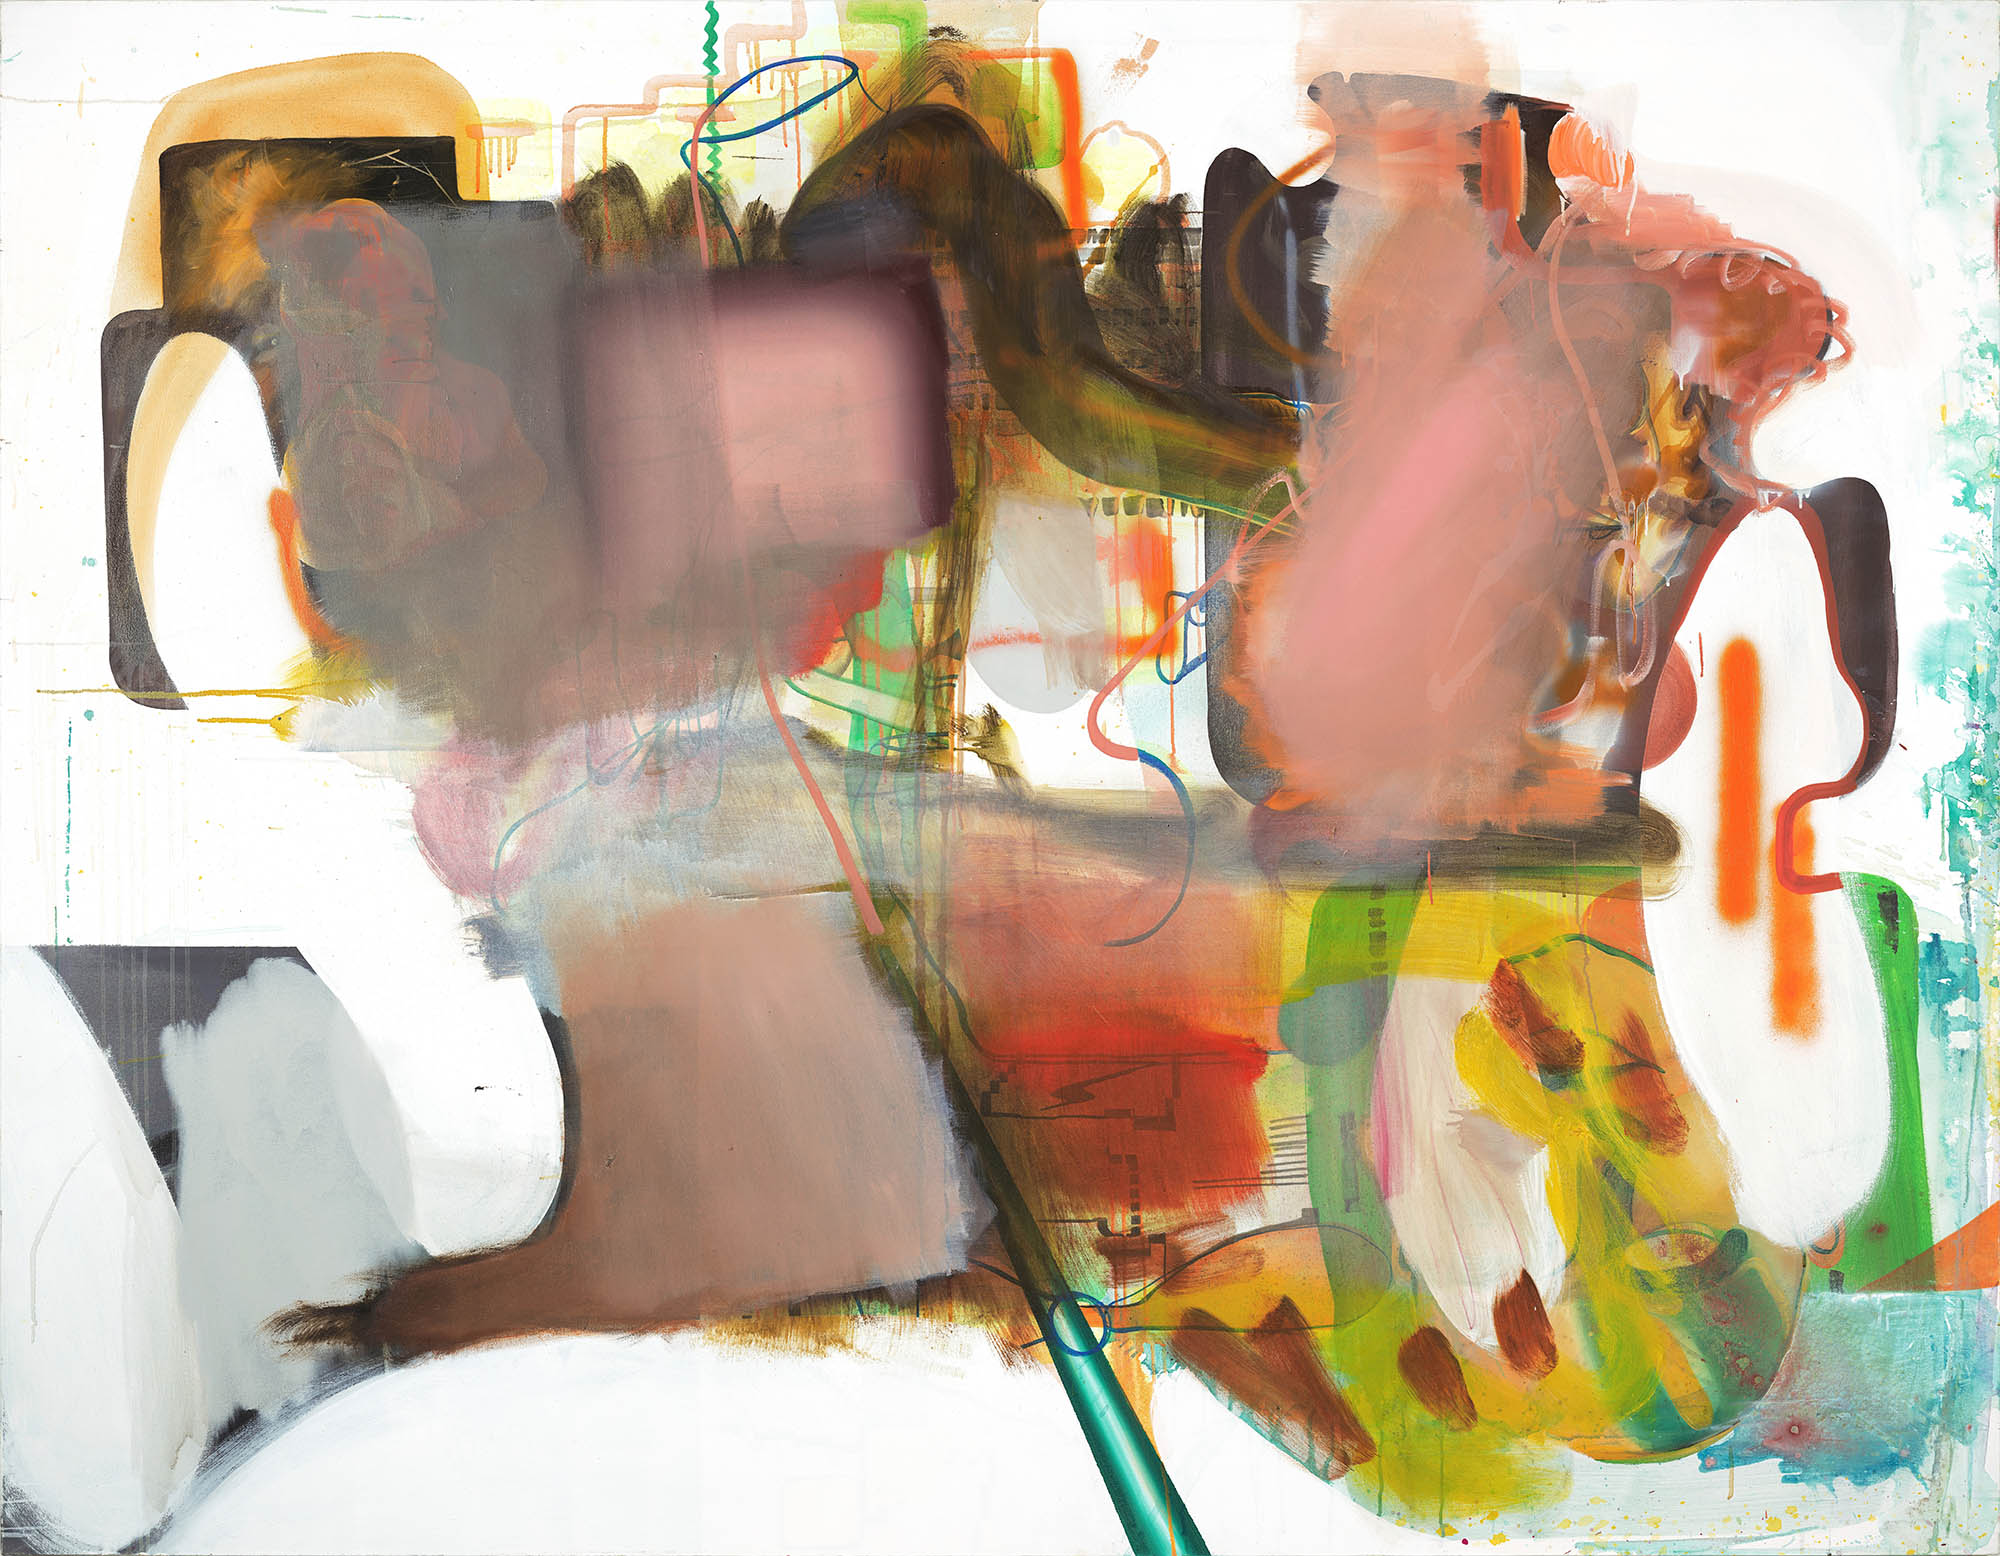 Albert Oehlen, Ohne Titel, 2005